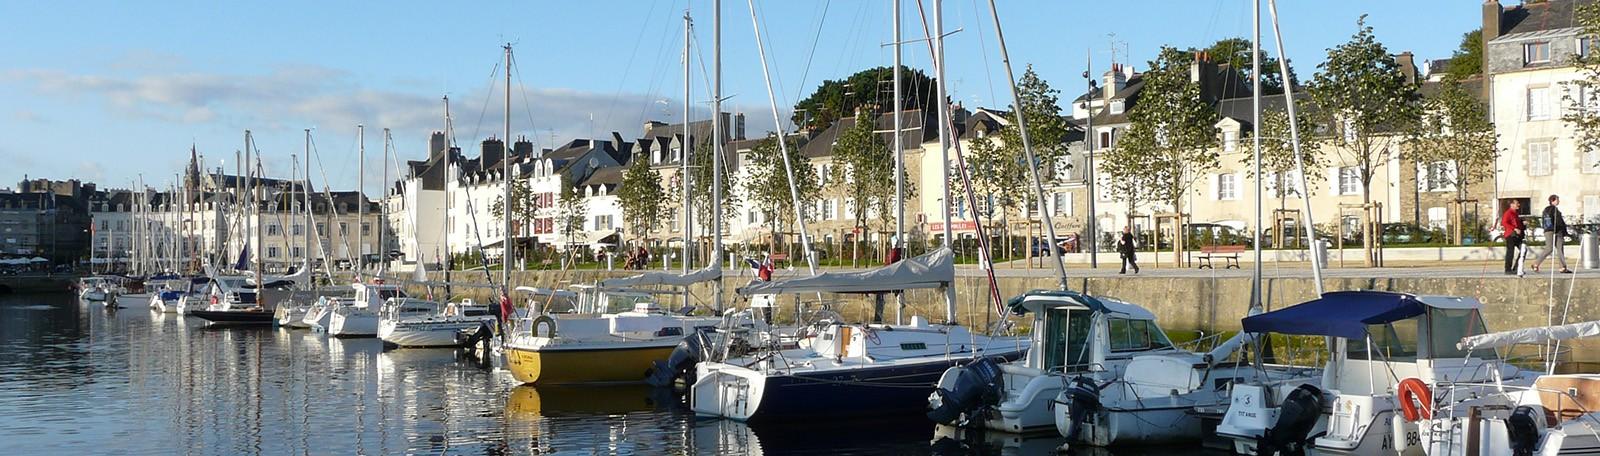 Car park Port - Park in Vannes | Q-Park